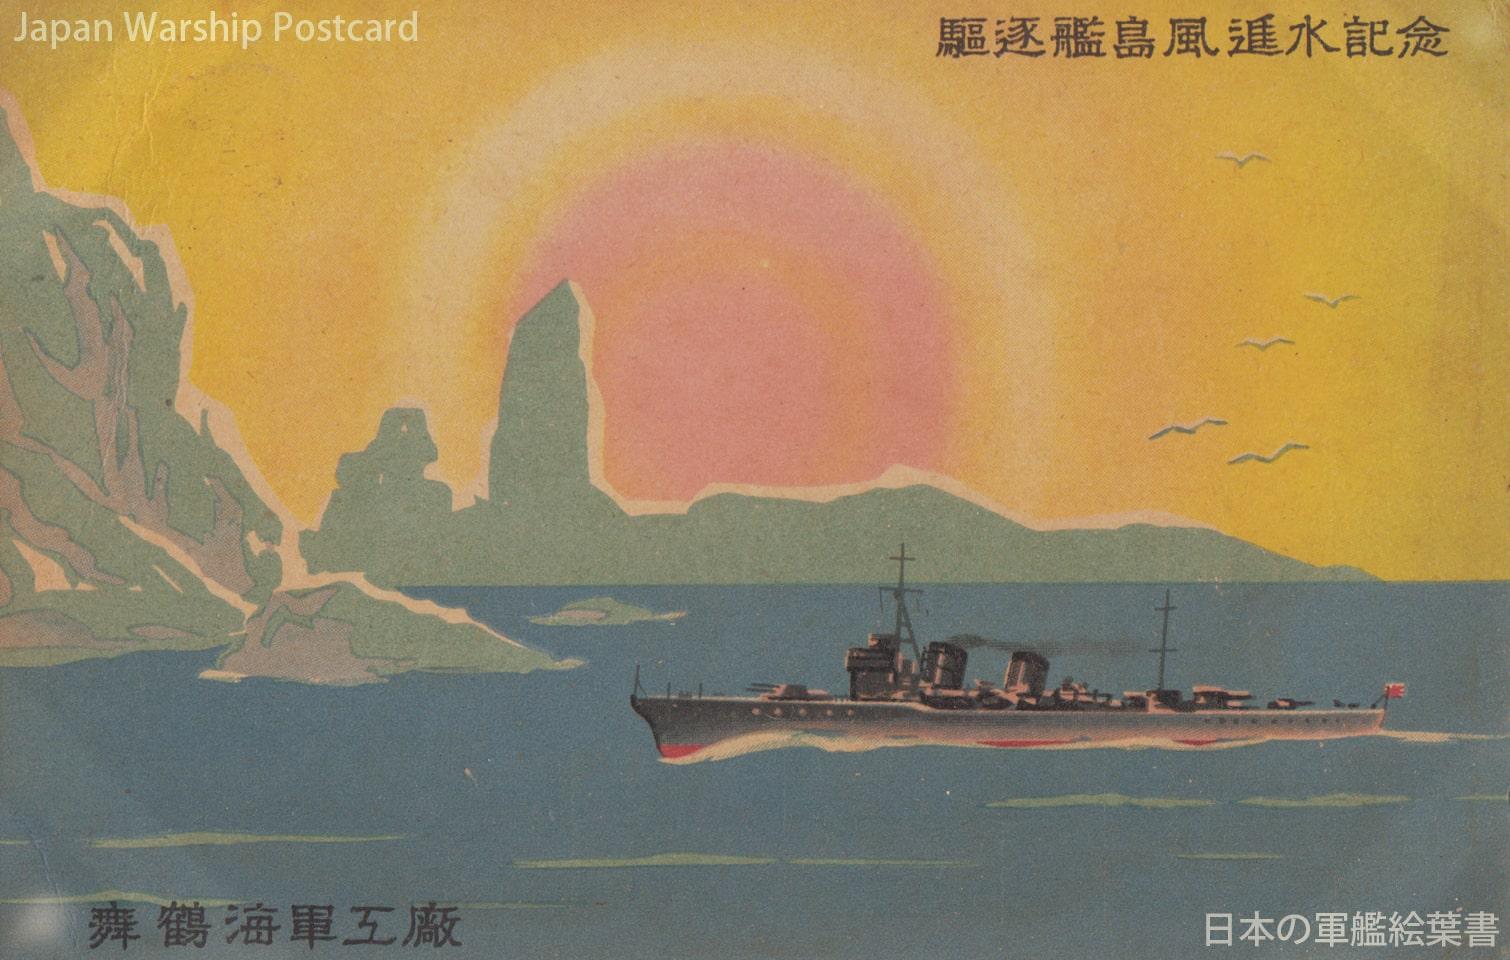 島風型駆逐艦「島風」